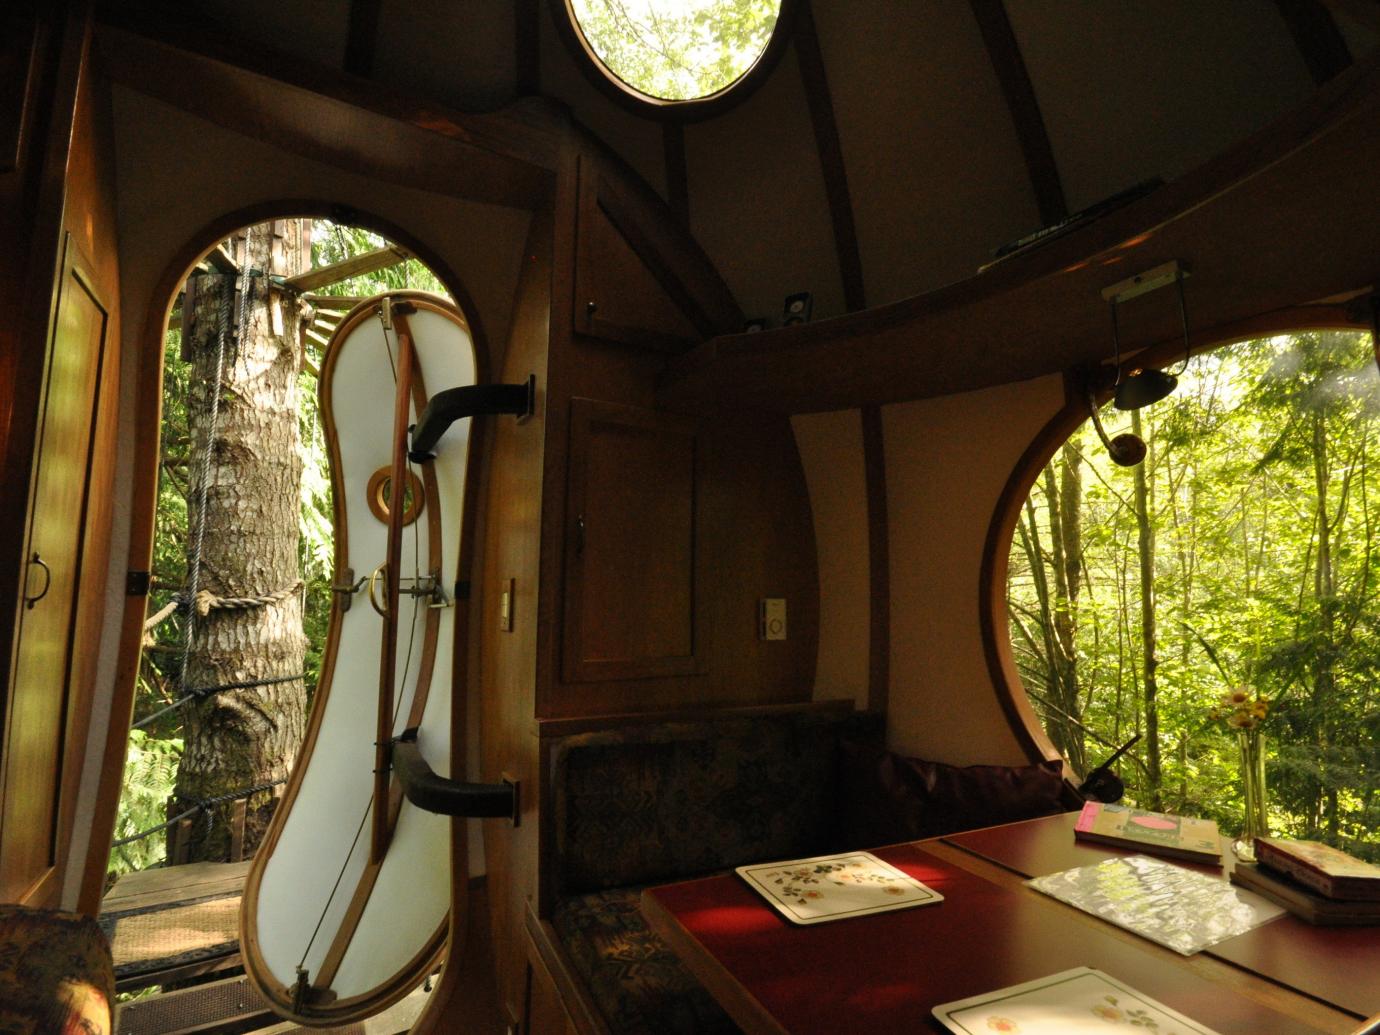 Room interior with open door in spherical hotel room